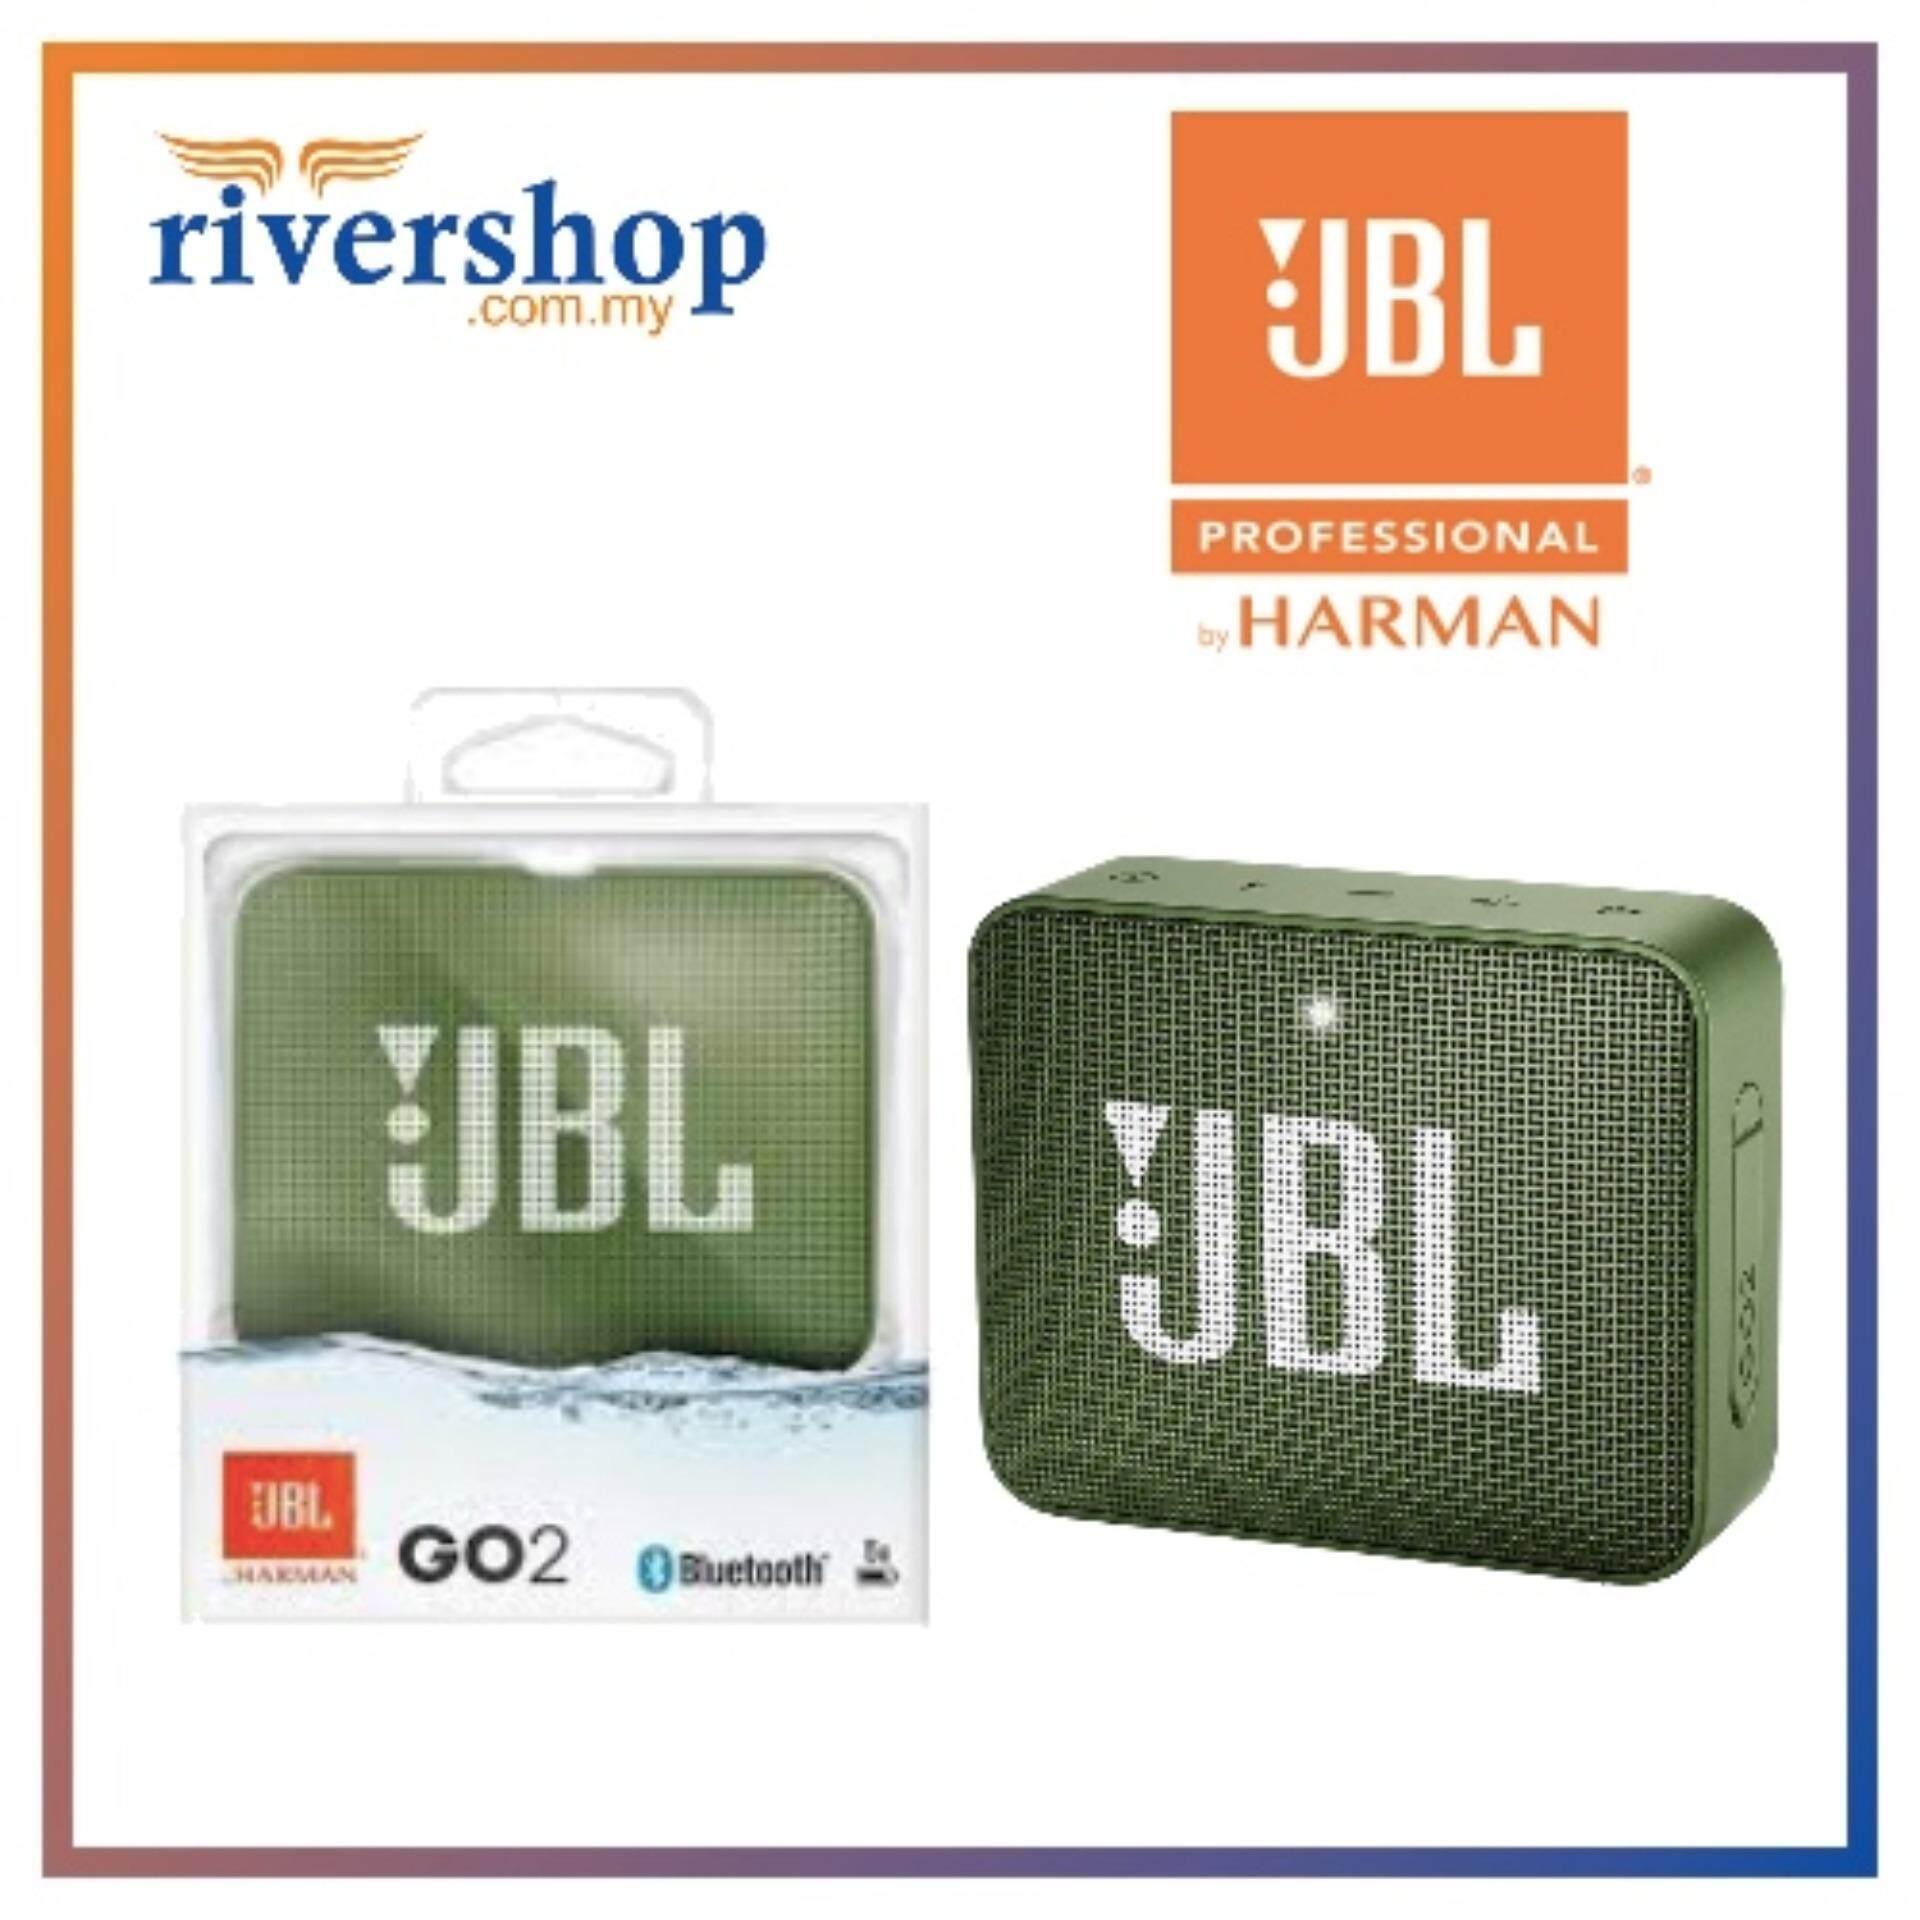 Original JBL Go 2 Rechargeable Portable Wireless Bluetooth Speaker 1 year warranty